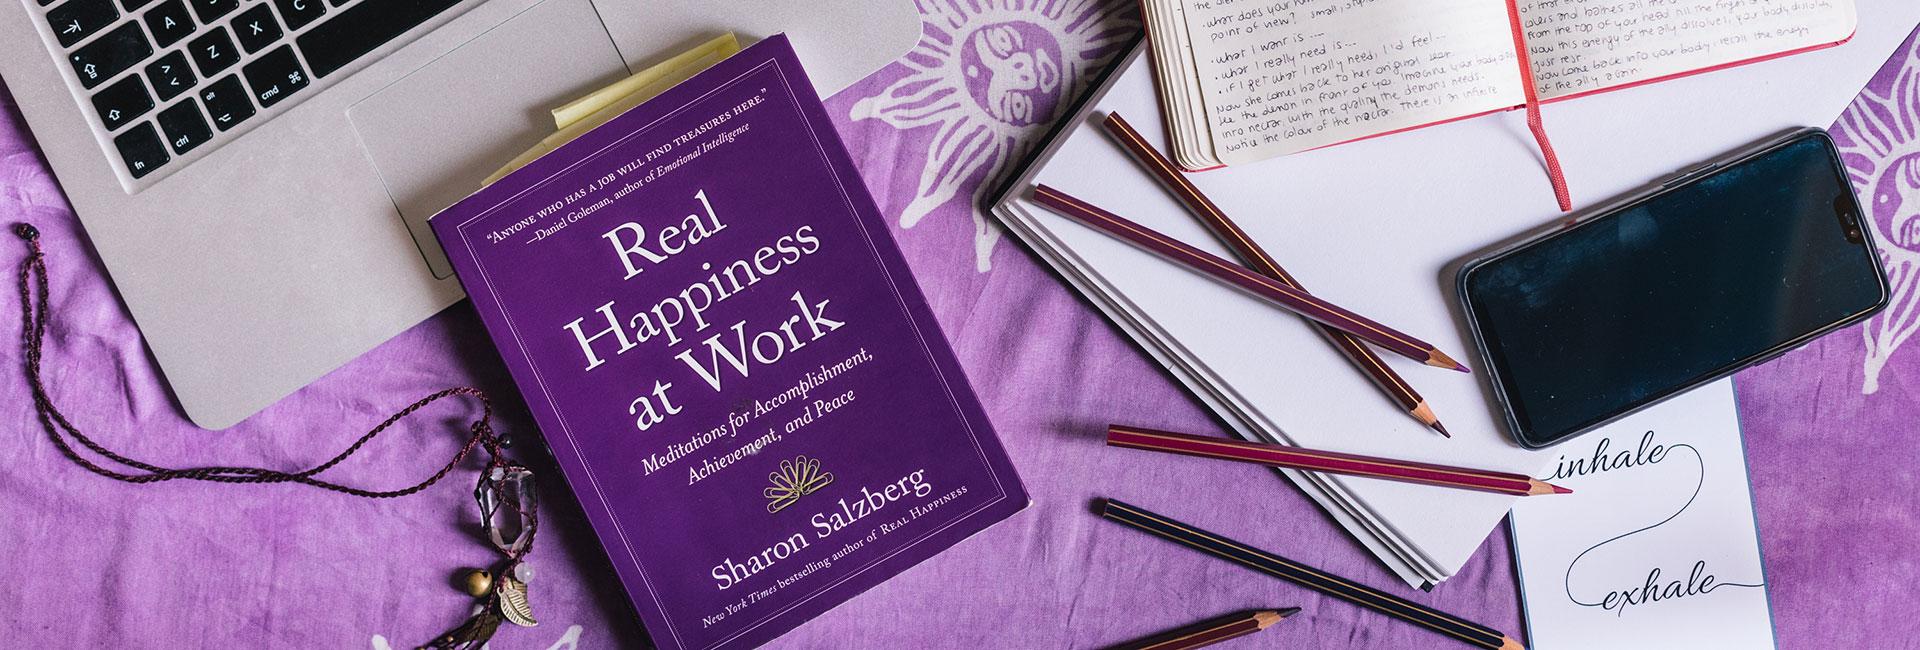 Mindfulness al lavoro - Chiara De Servi